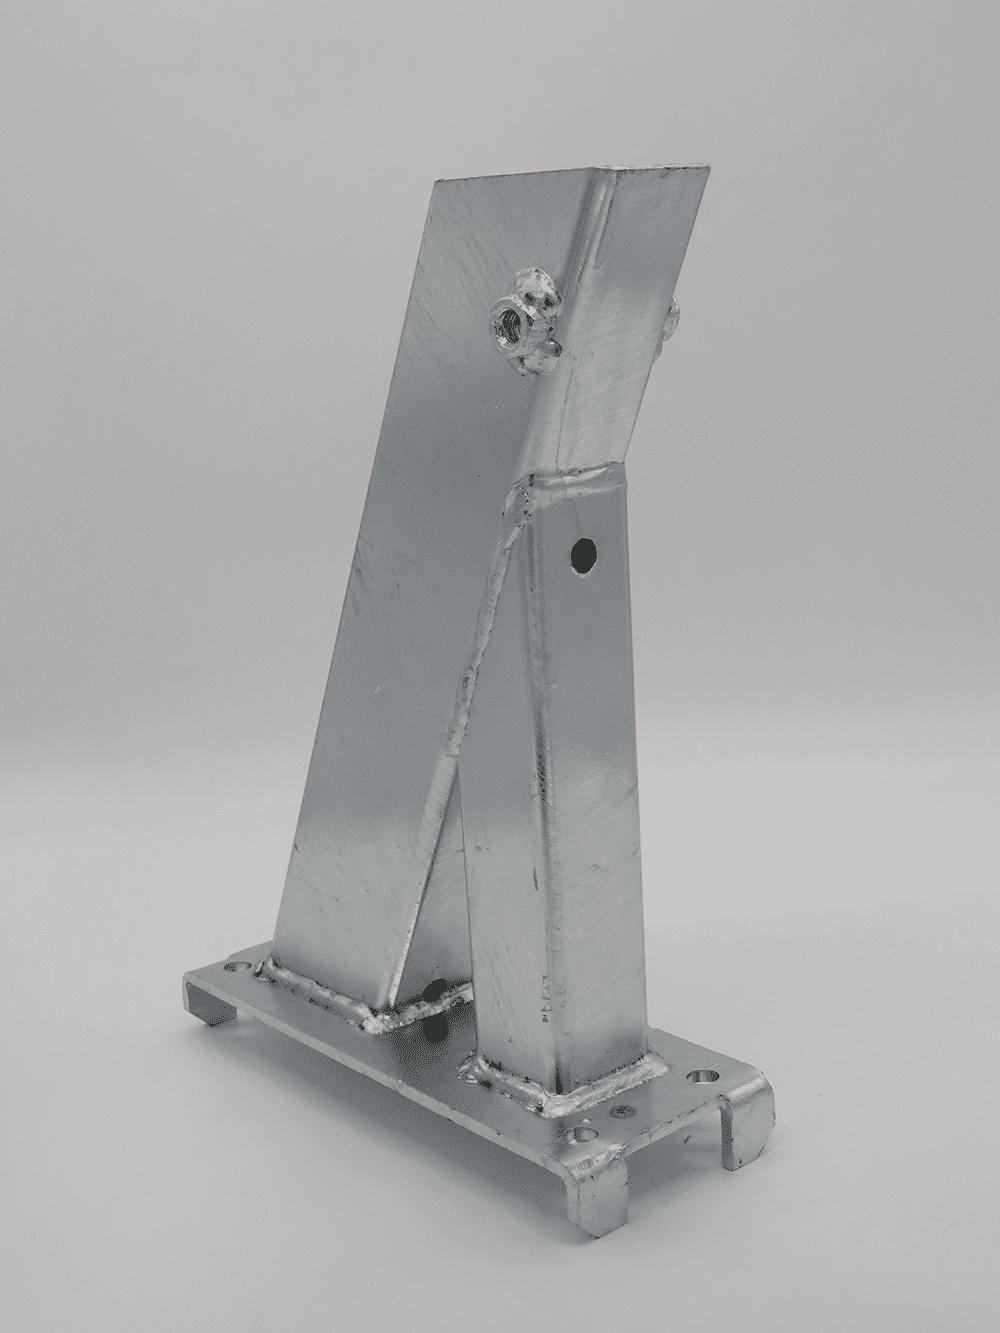 verz. Bugstütze PBA 1000-1300